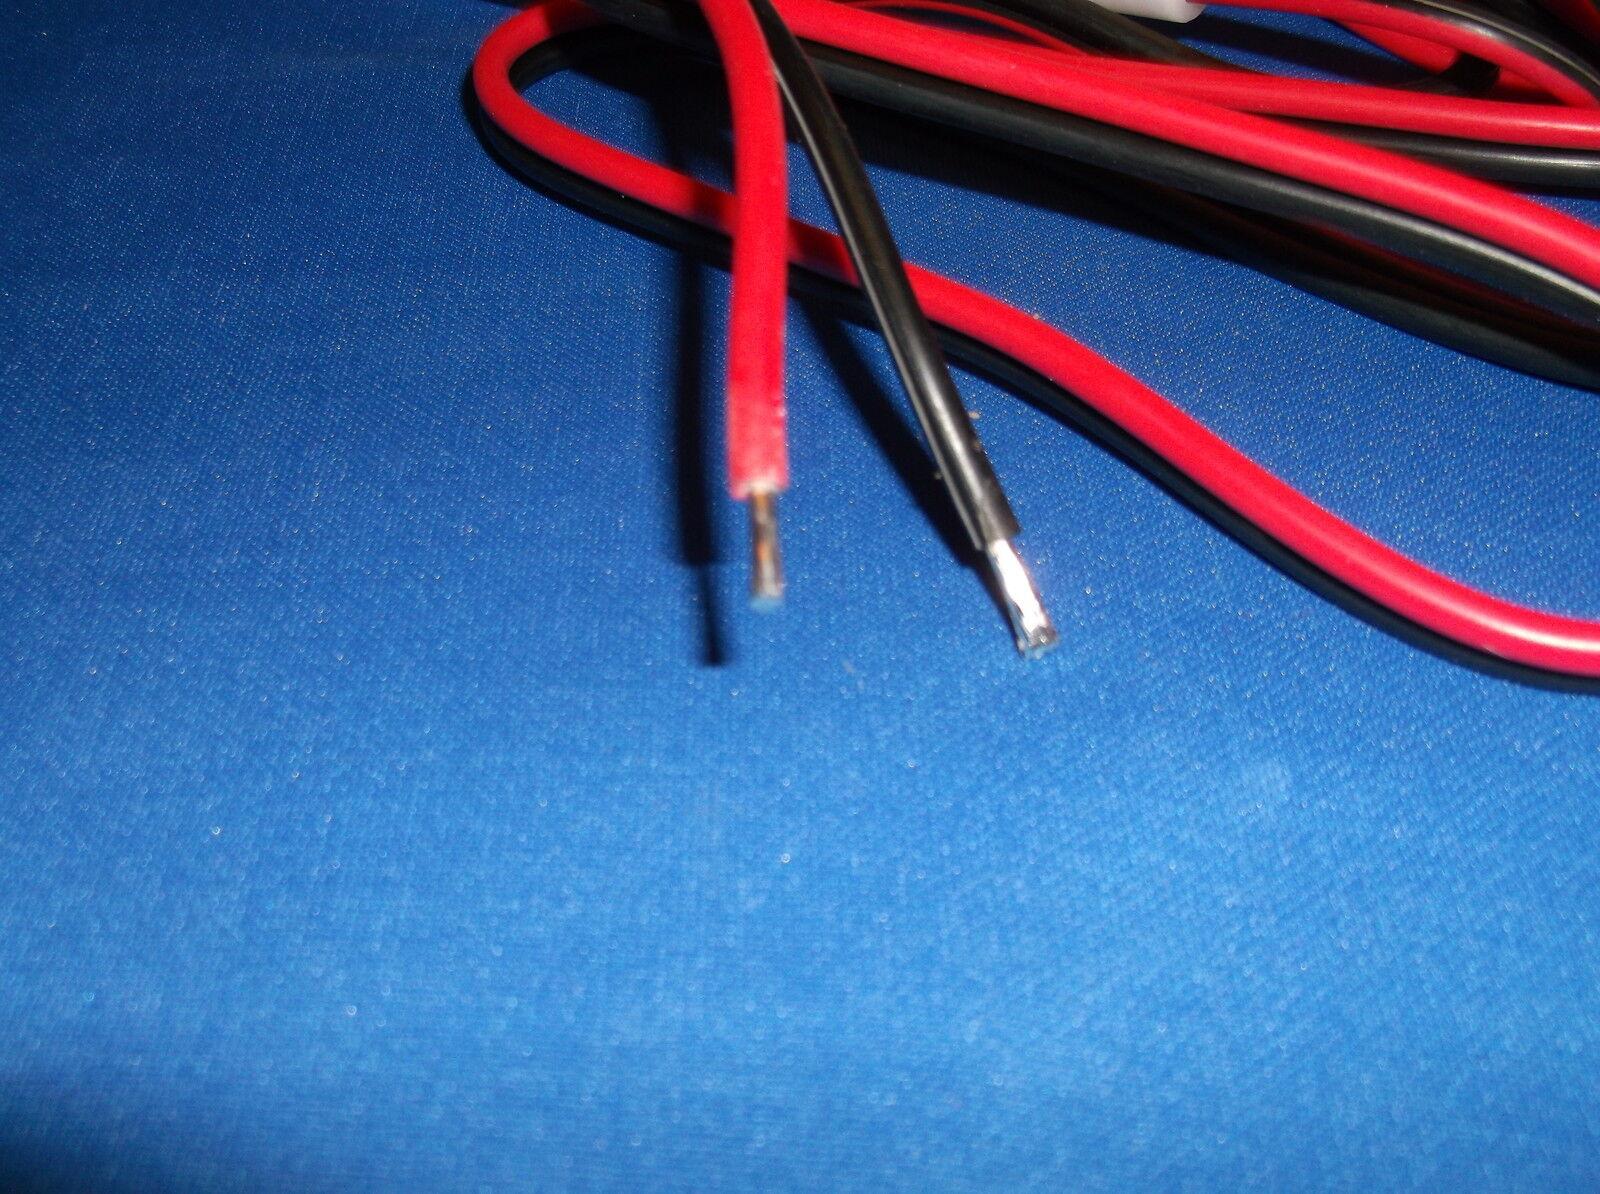 ERR CB3AXXC COBRA CB RADIO 3 PIN HD DUAL FUSED POWER CORD  COBRA 29,29LX,NW,25